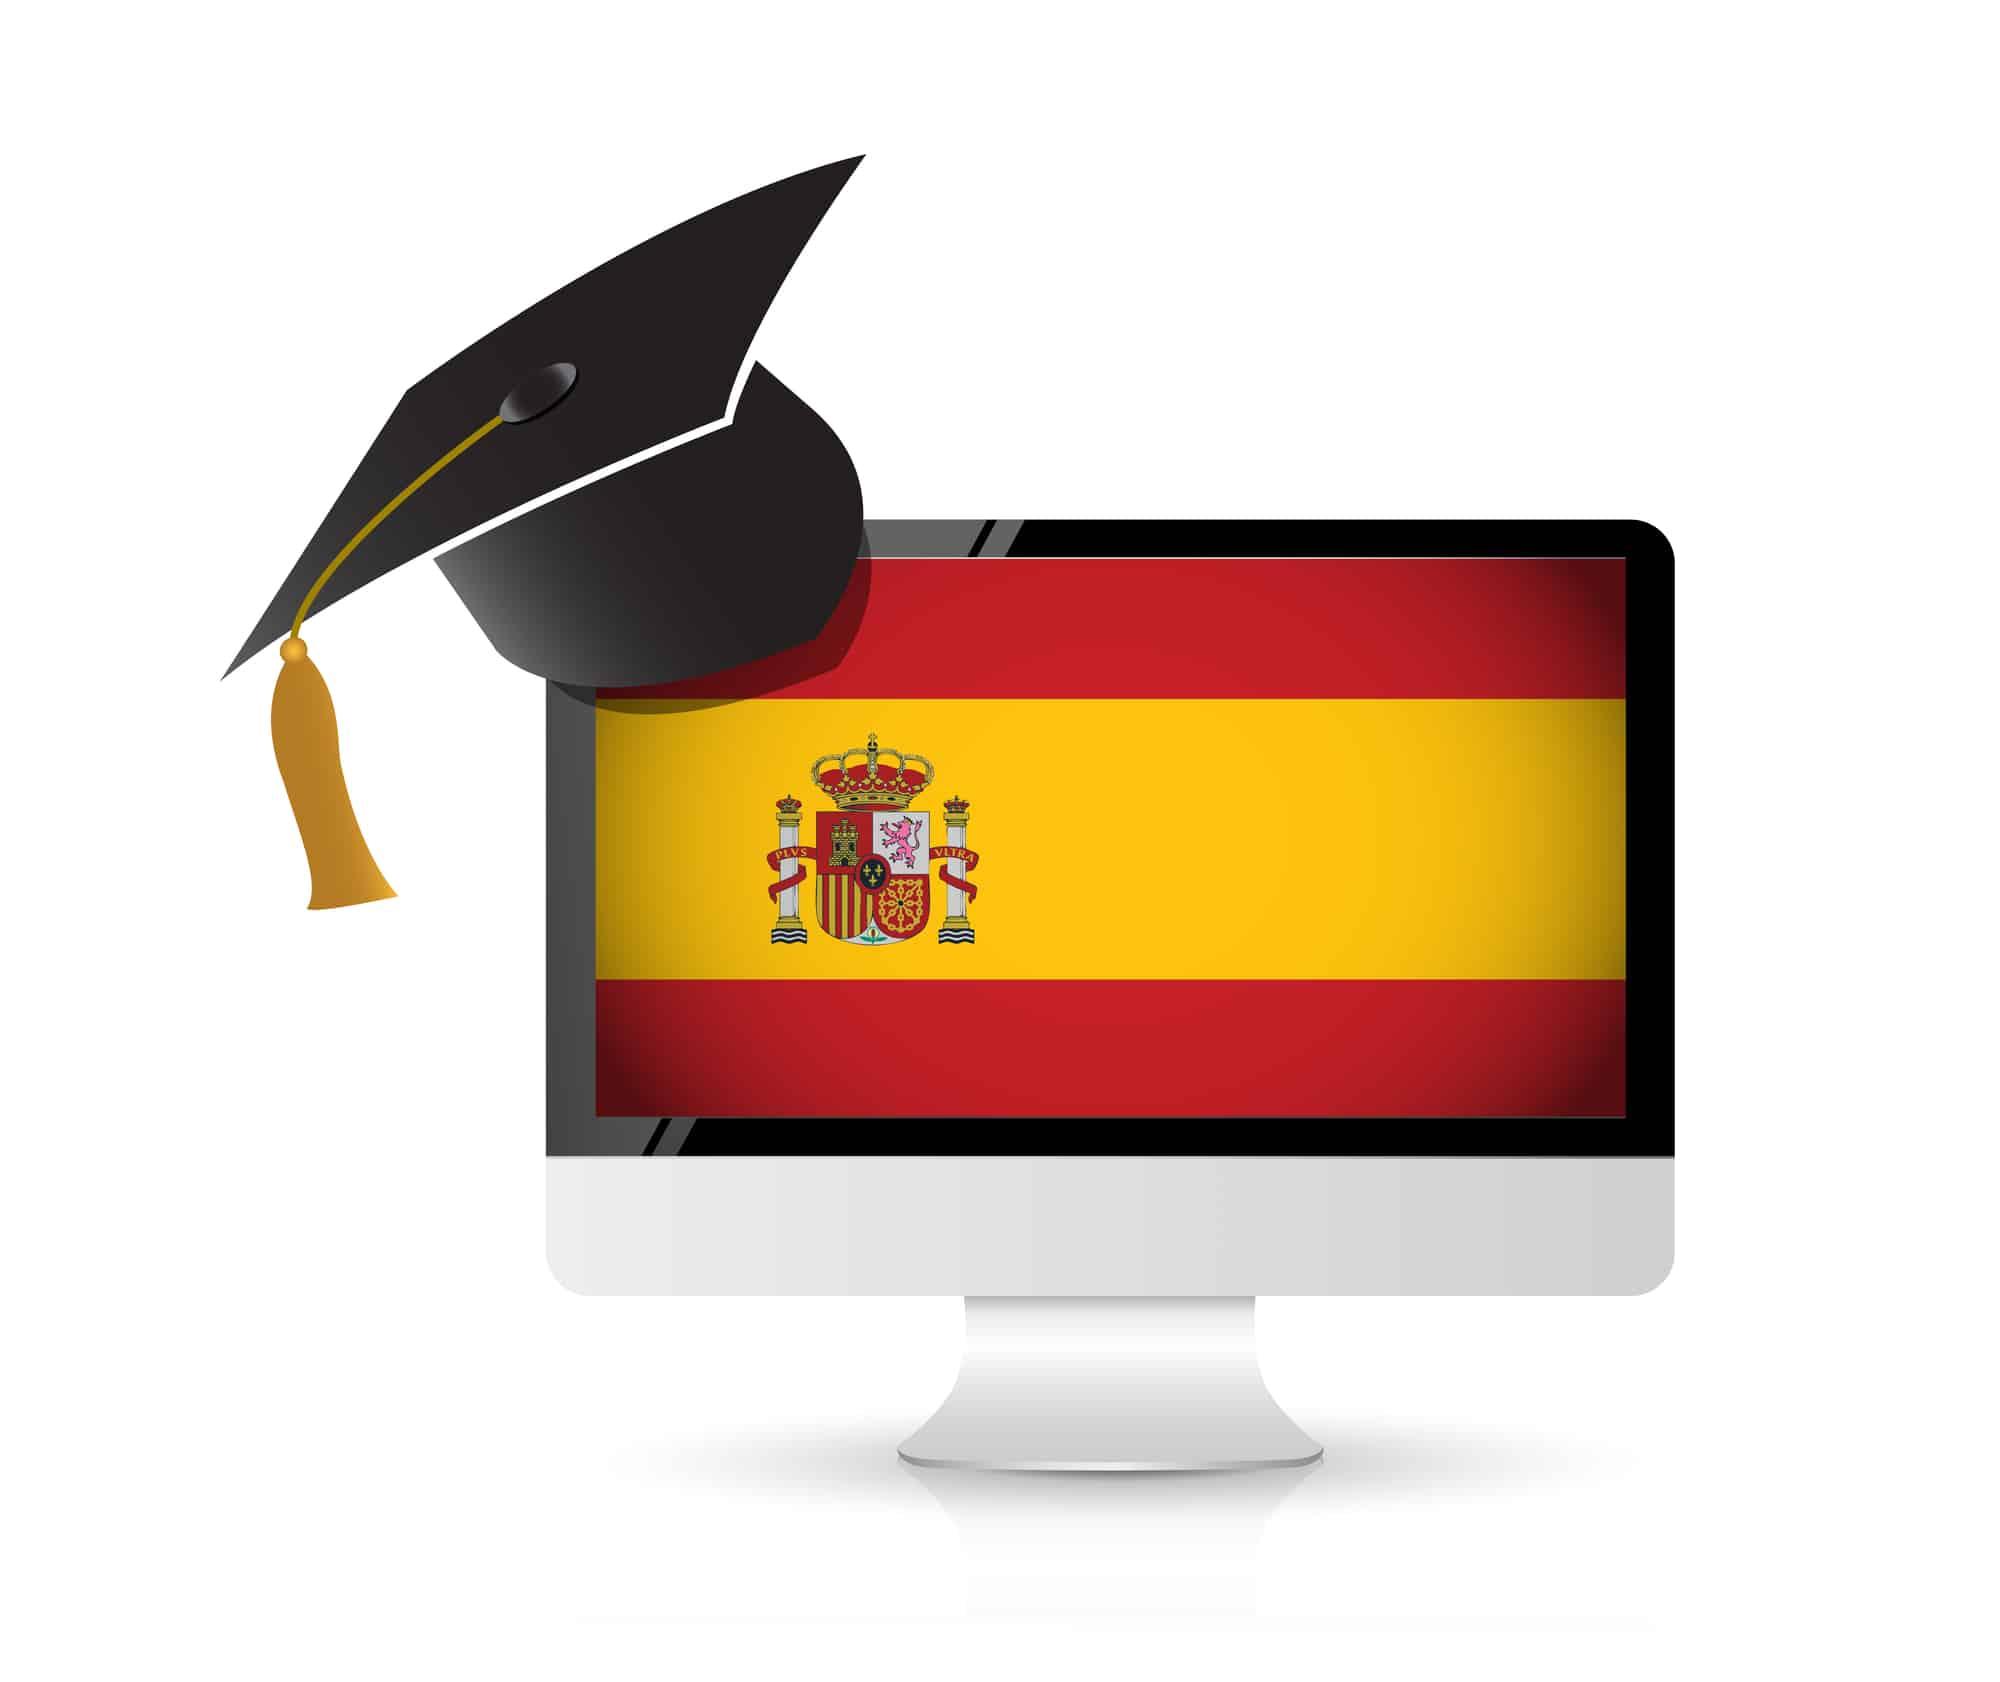 Spanisch lernen: 6 Möglichkeiten + 3 Anfängerfehler